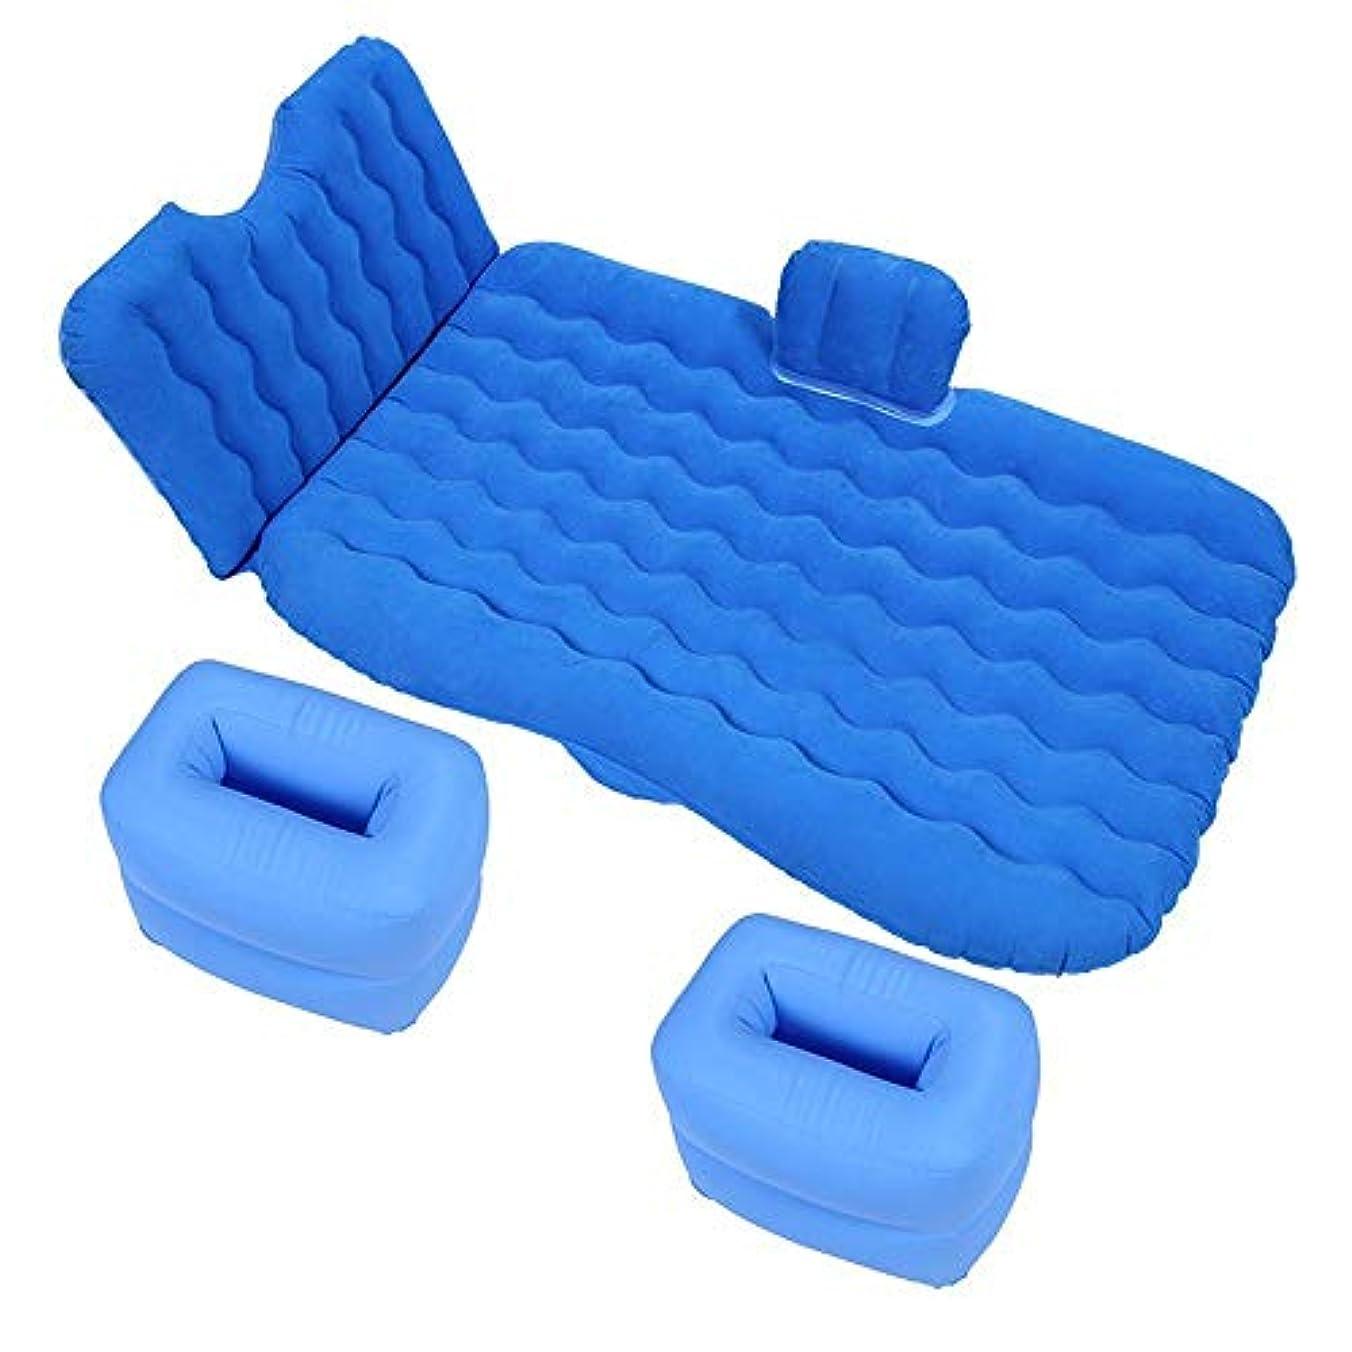 着飾るとても多くの本質的ではないインフレータブルマットレス、車のインフレータブルベッドポータブルで快適な旅行、一般的なSUV車の後部座席のソファ枕屋外多目的キャンプマットクッション用エアーポンプ,Blue